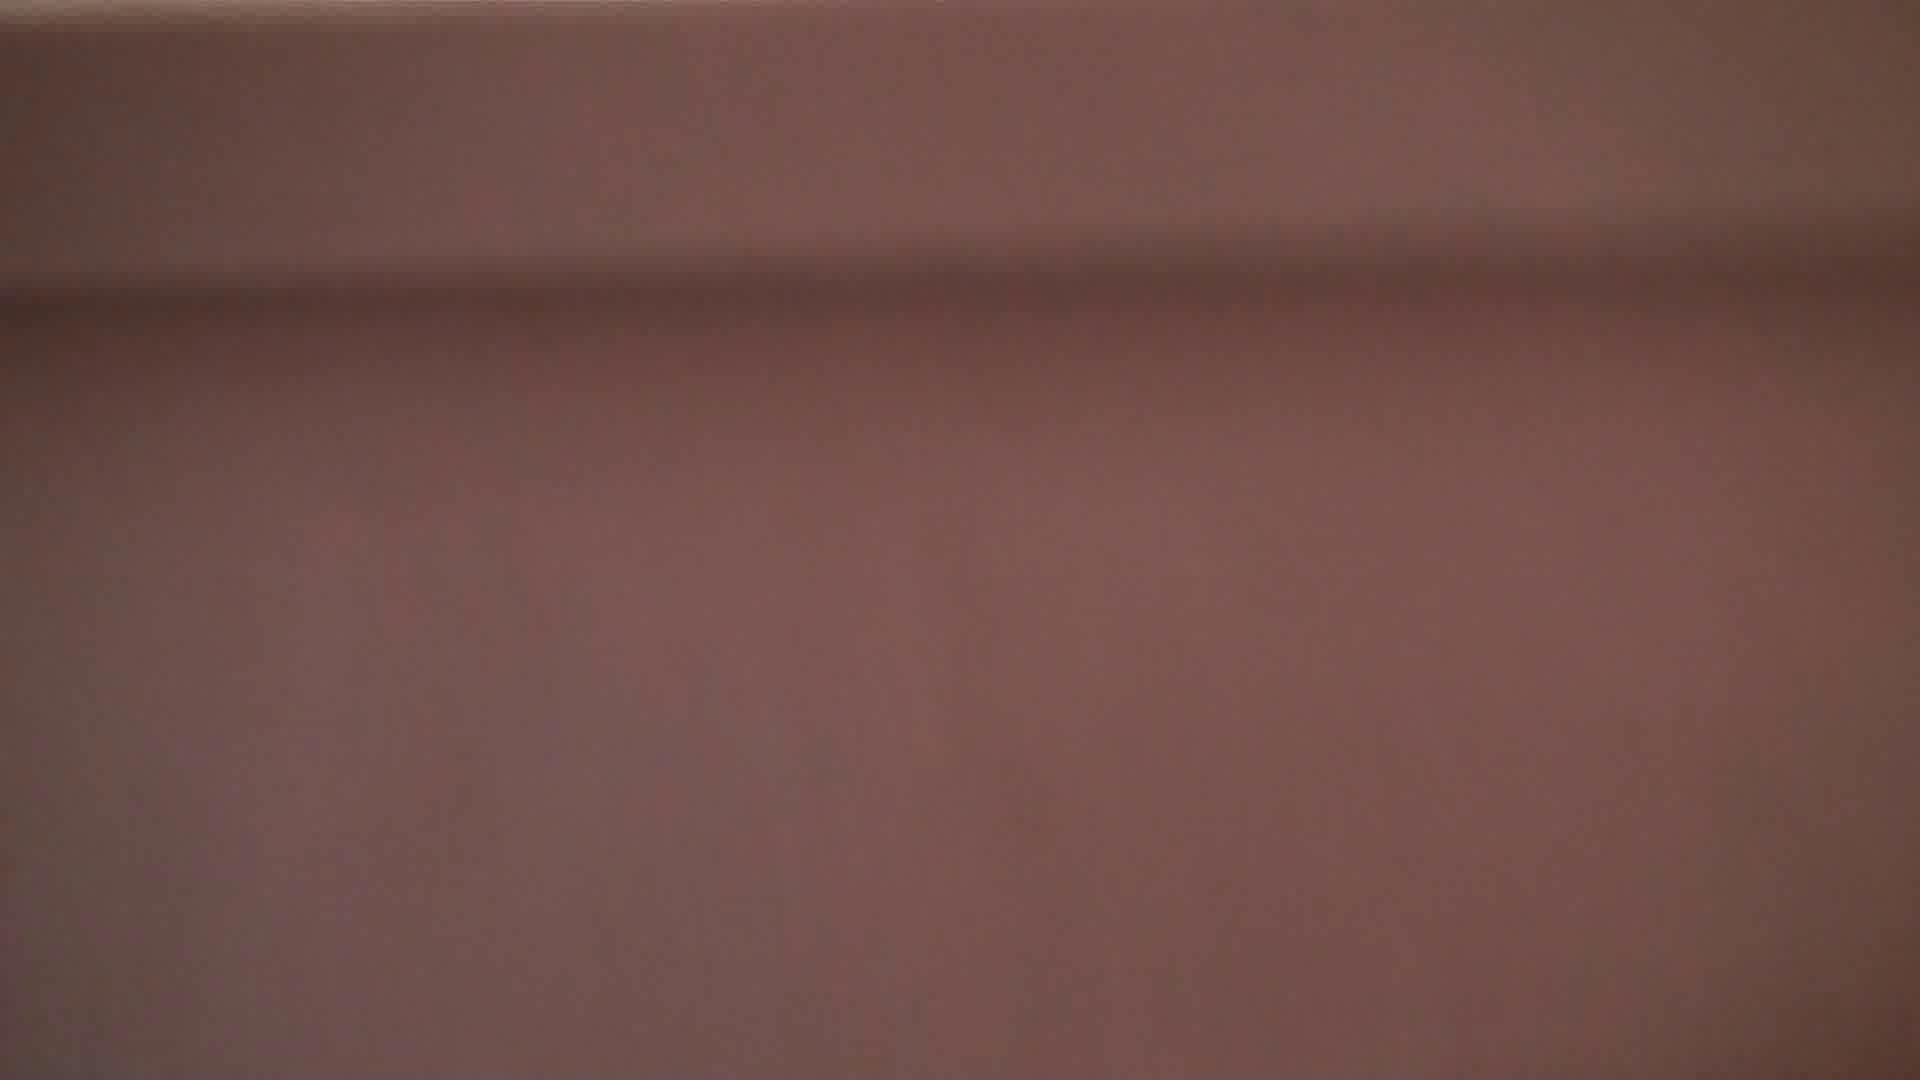 雅さんの独断と偏見で集めた動画集 Vol.9 0  83pic 54